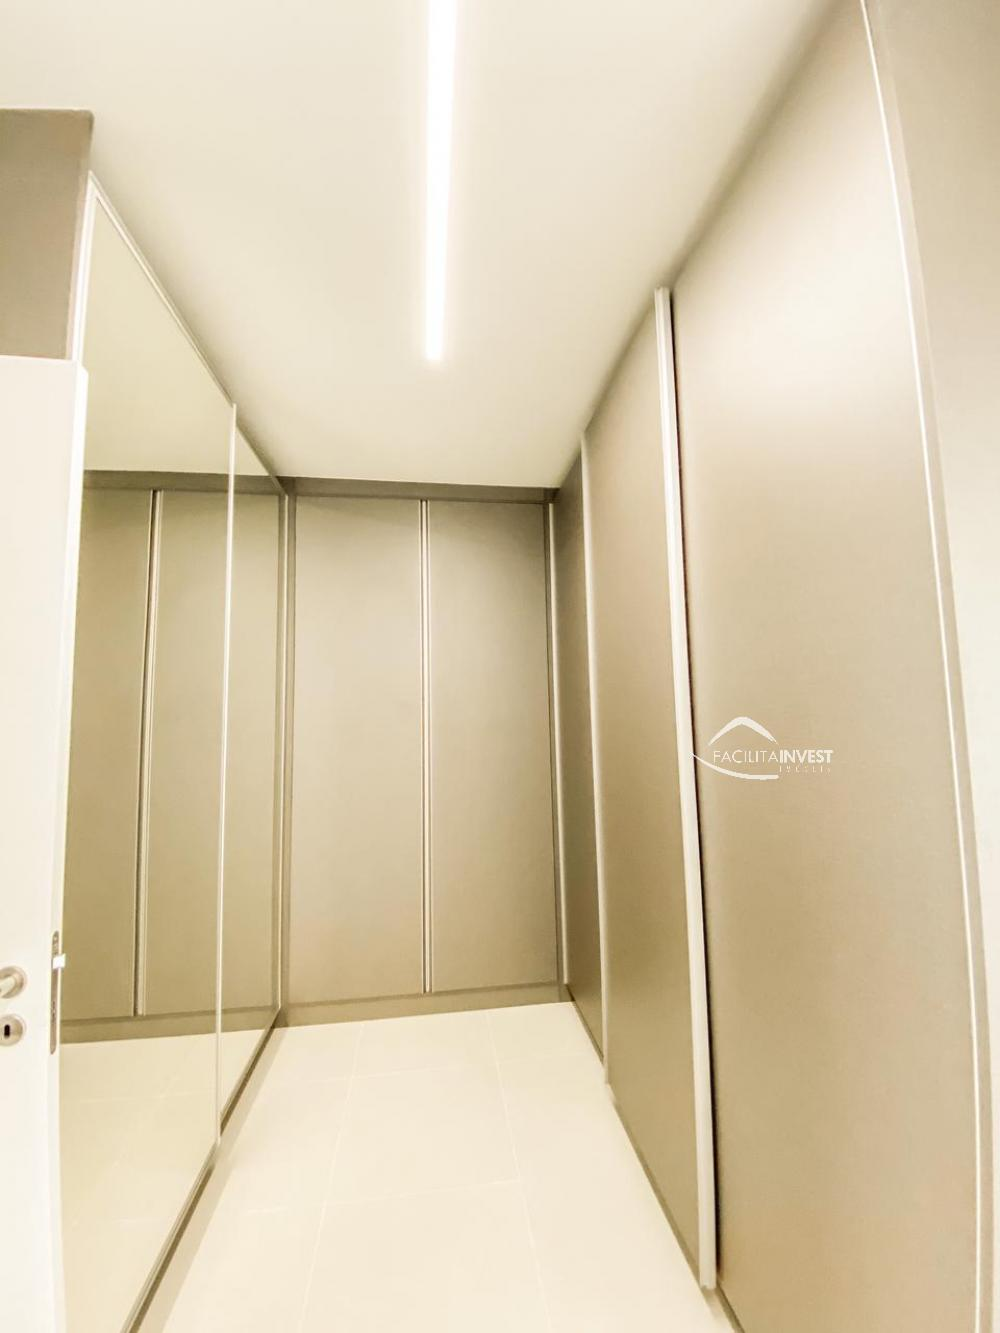 Comprar Apartamentos / Cobertura em Ribeirão Preto R$ 2.350.000,00 - Foto 21